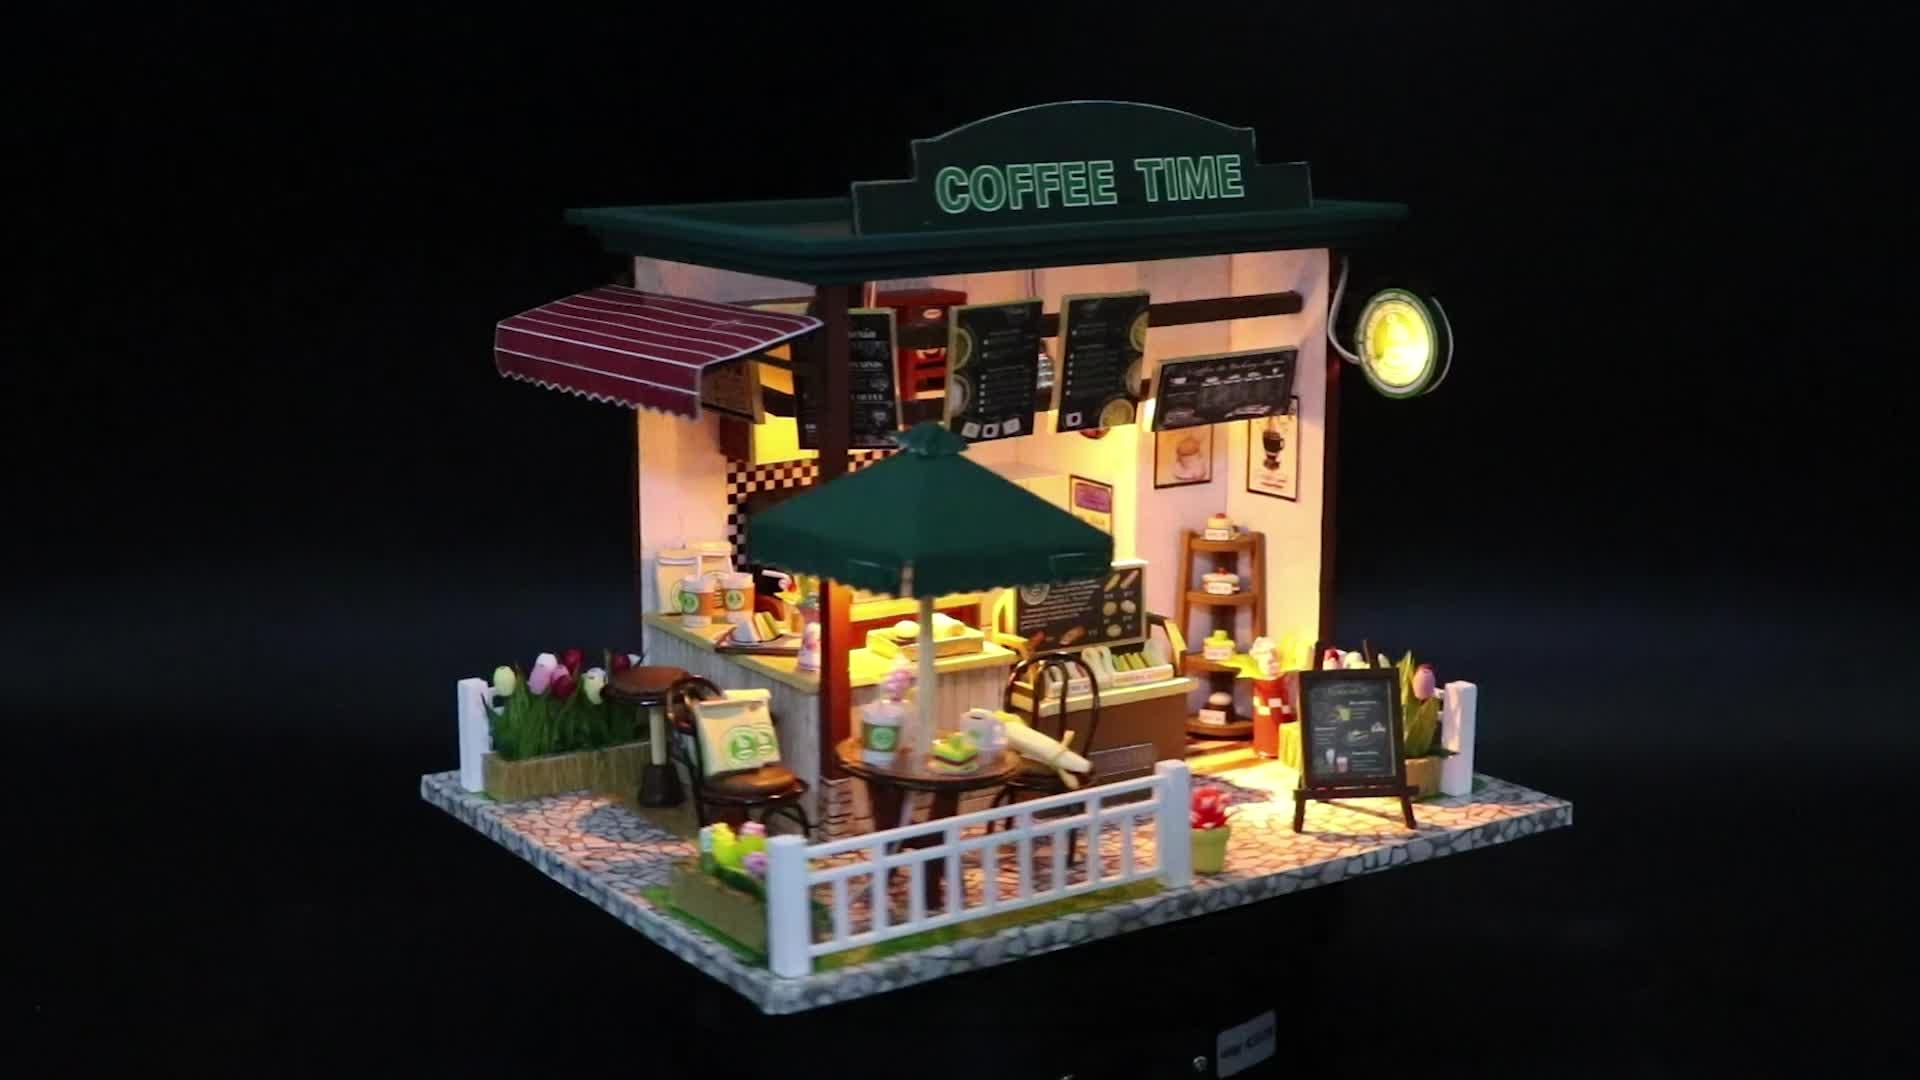 Nouveaux jouets de collection miniature maison café en bois jouets